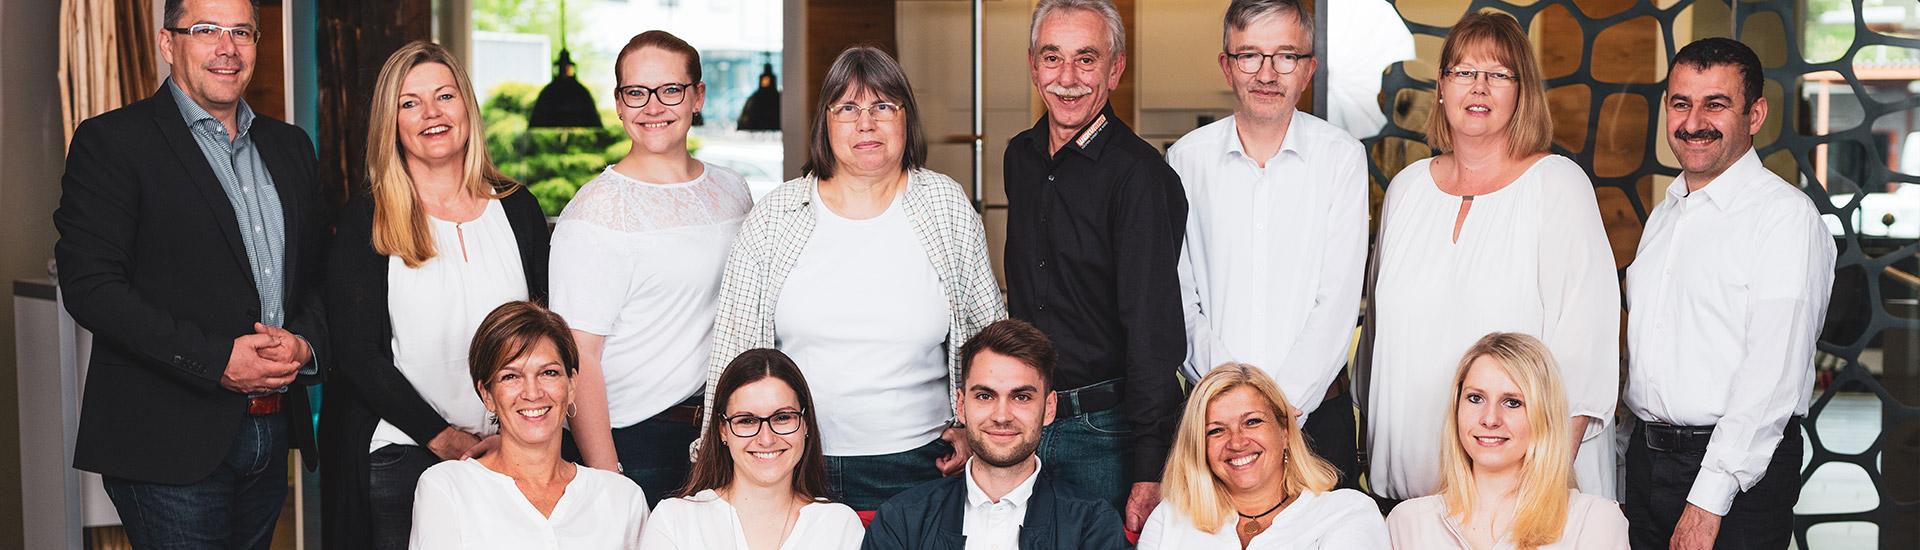 Ein Teil des Teams der WEKUmat Küchenwerk Werner Kühn e.K.